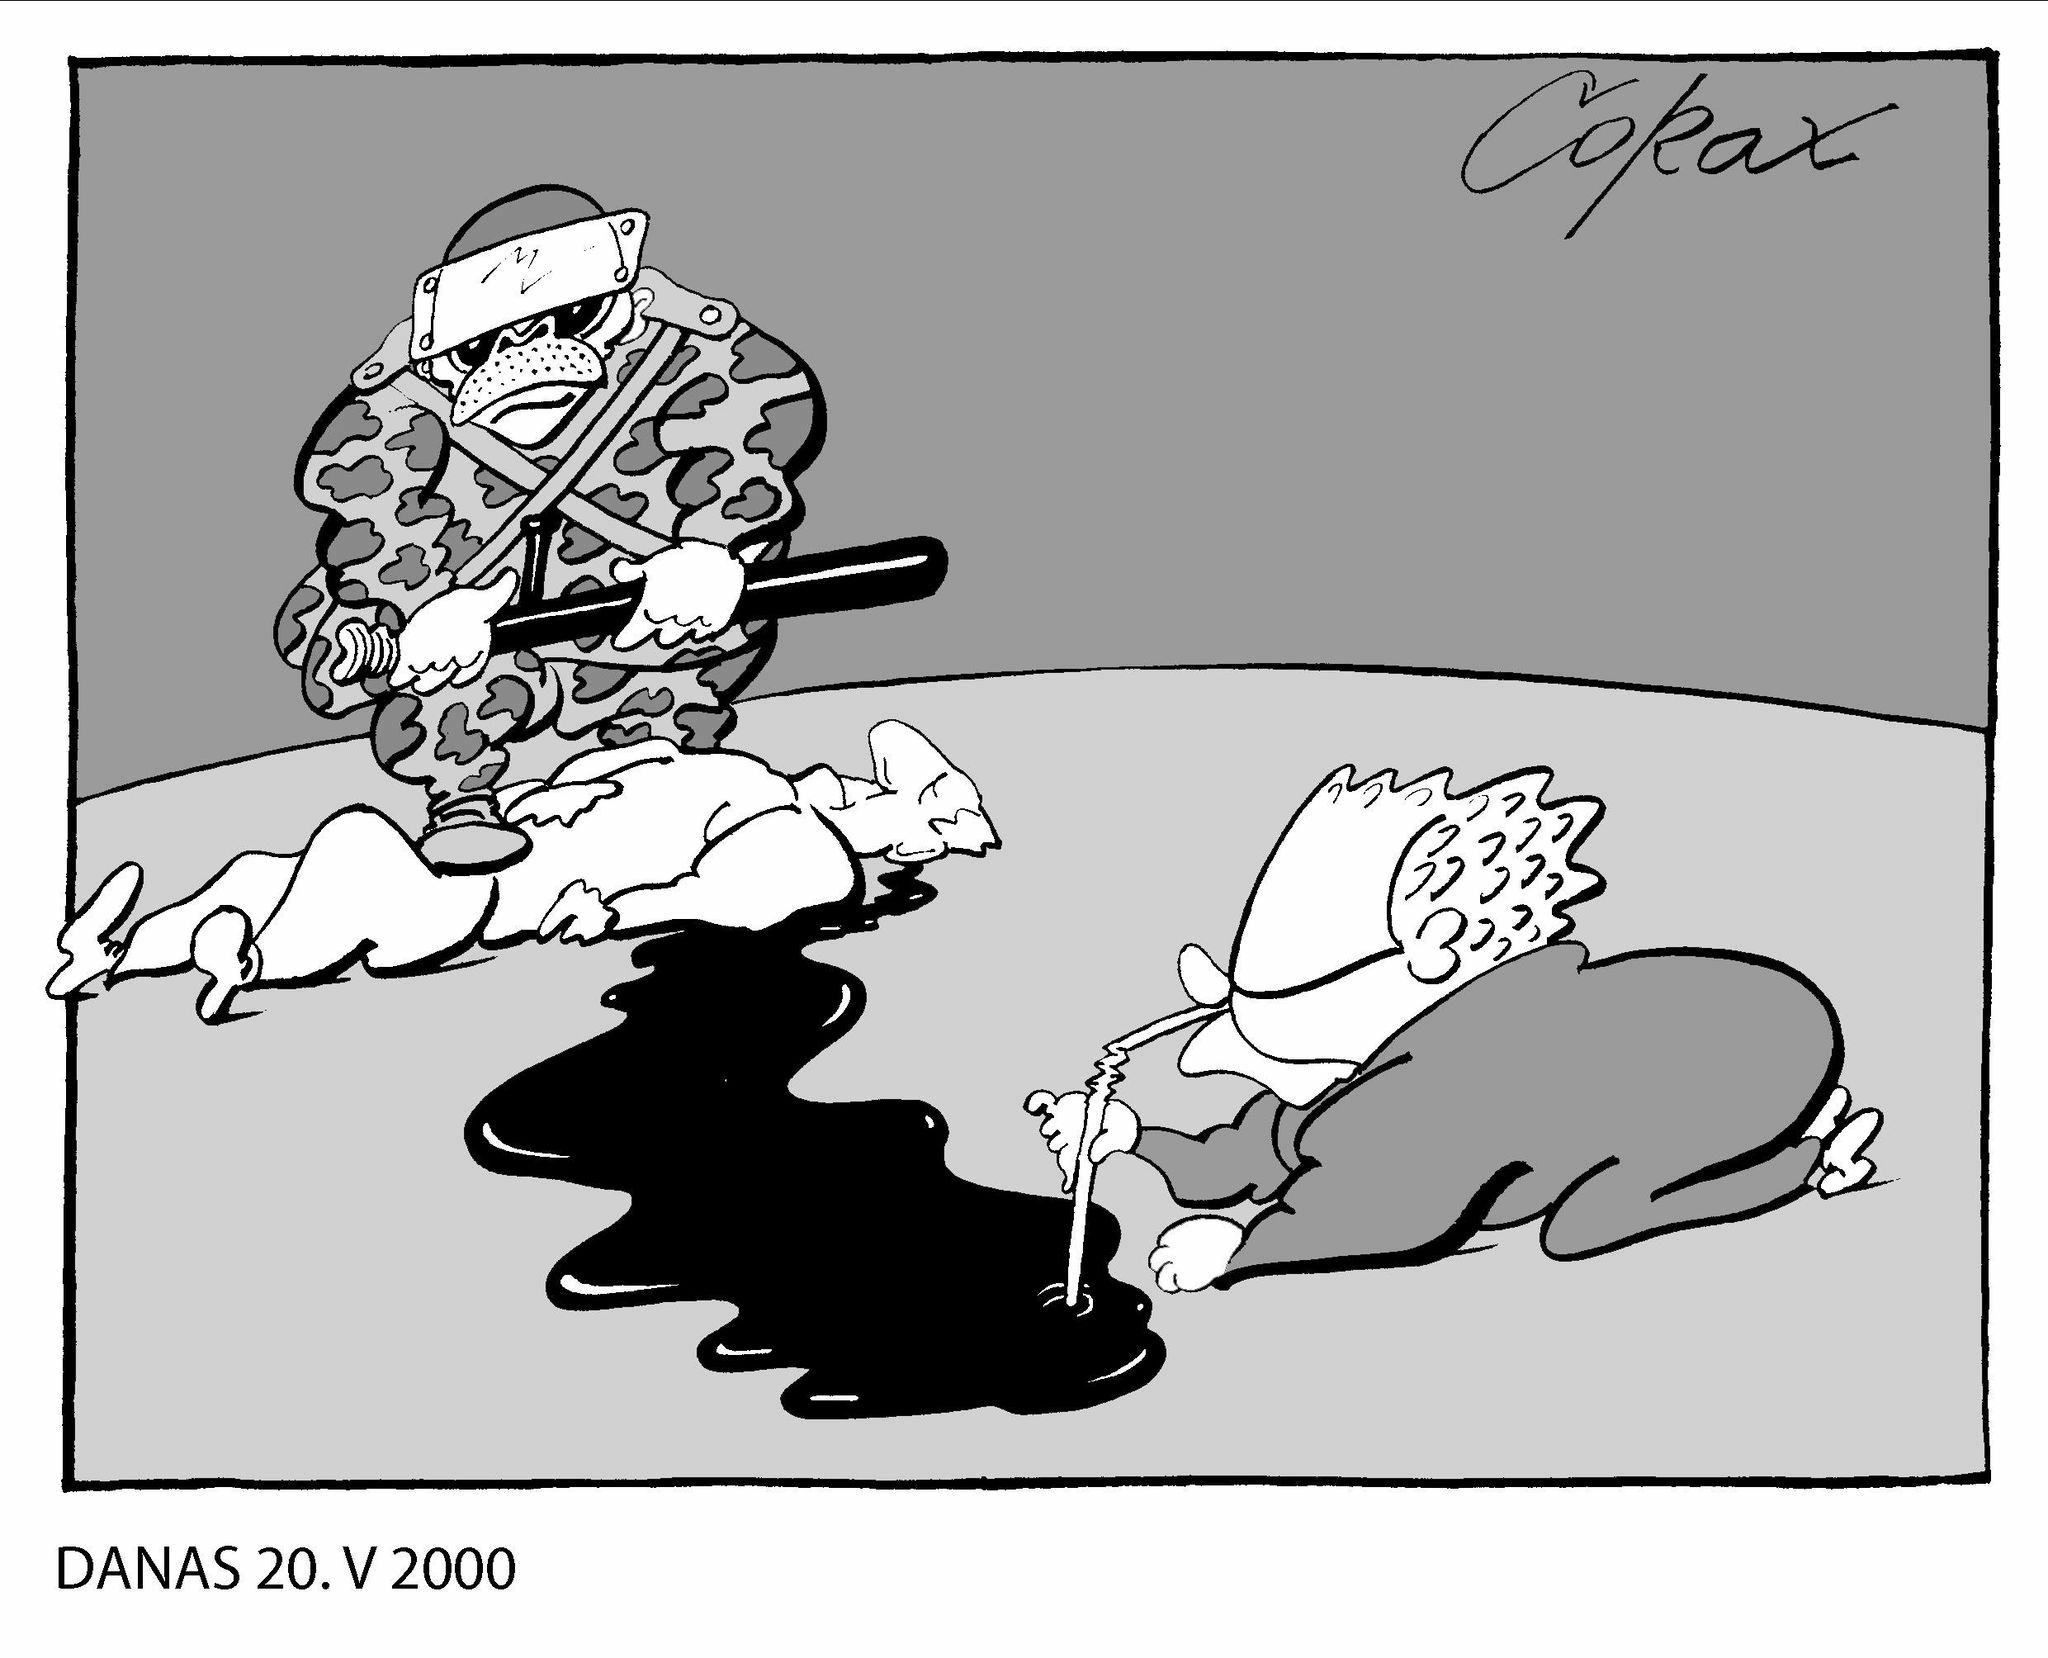 Koraks: Građani Srbije su robovi velikog zla - Vučićevog režima 2